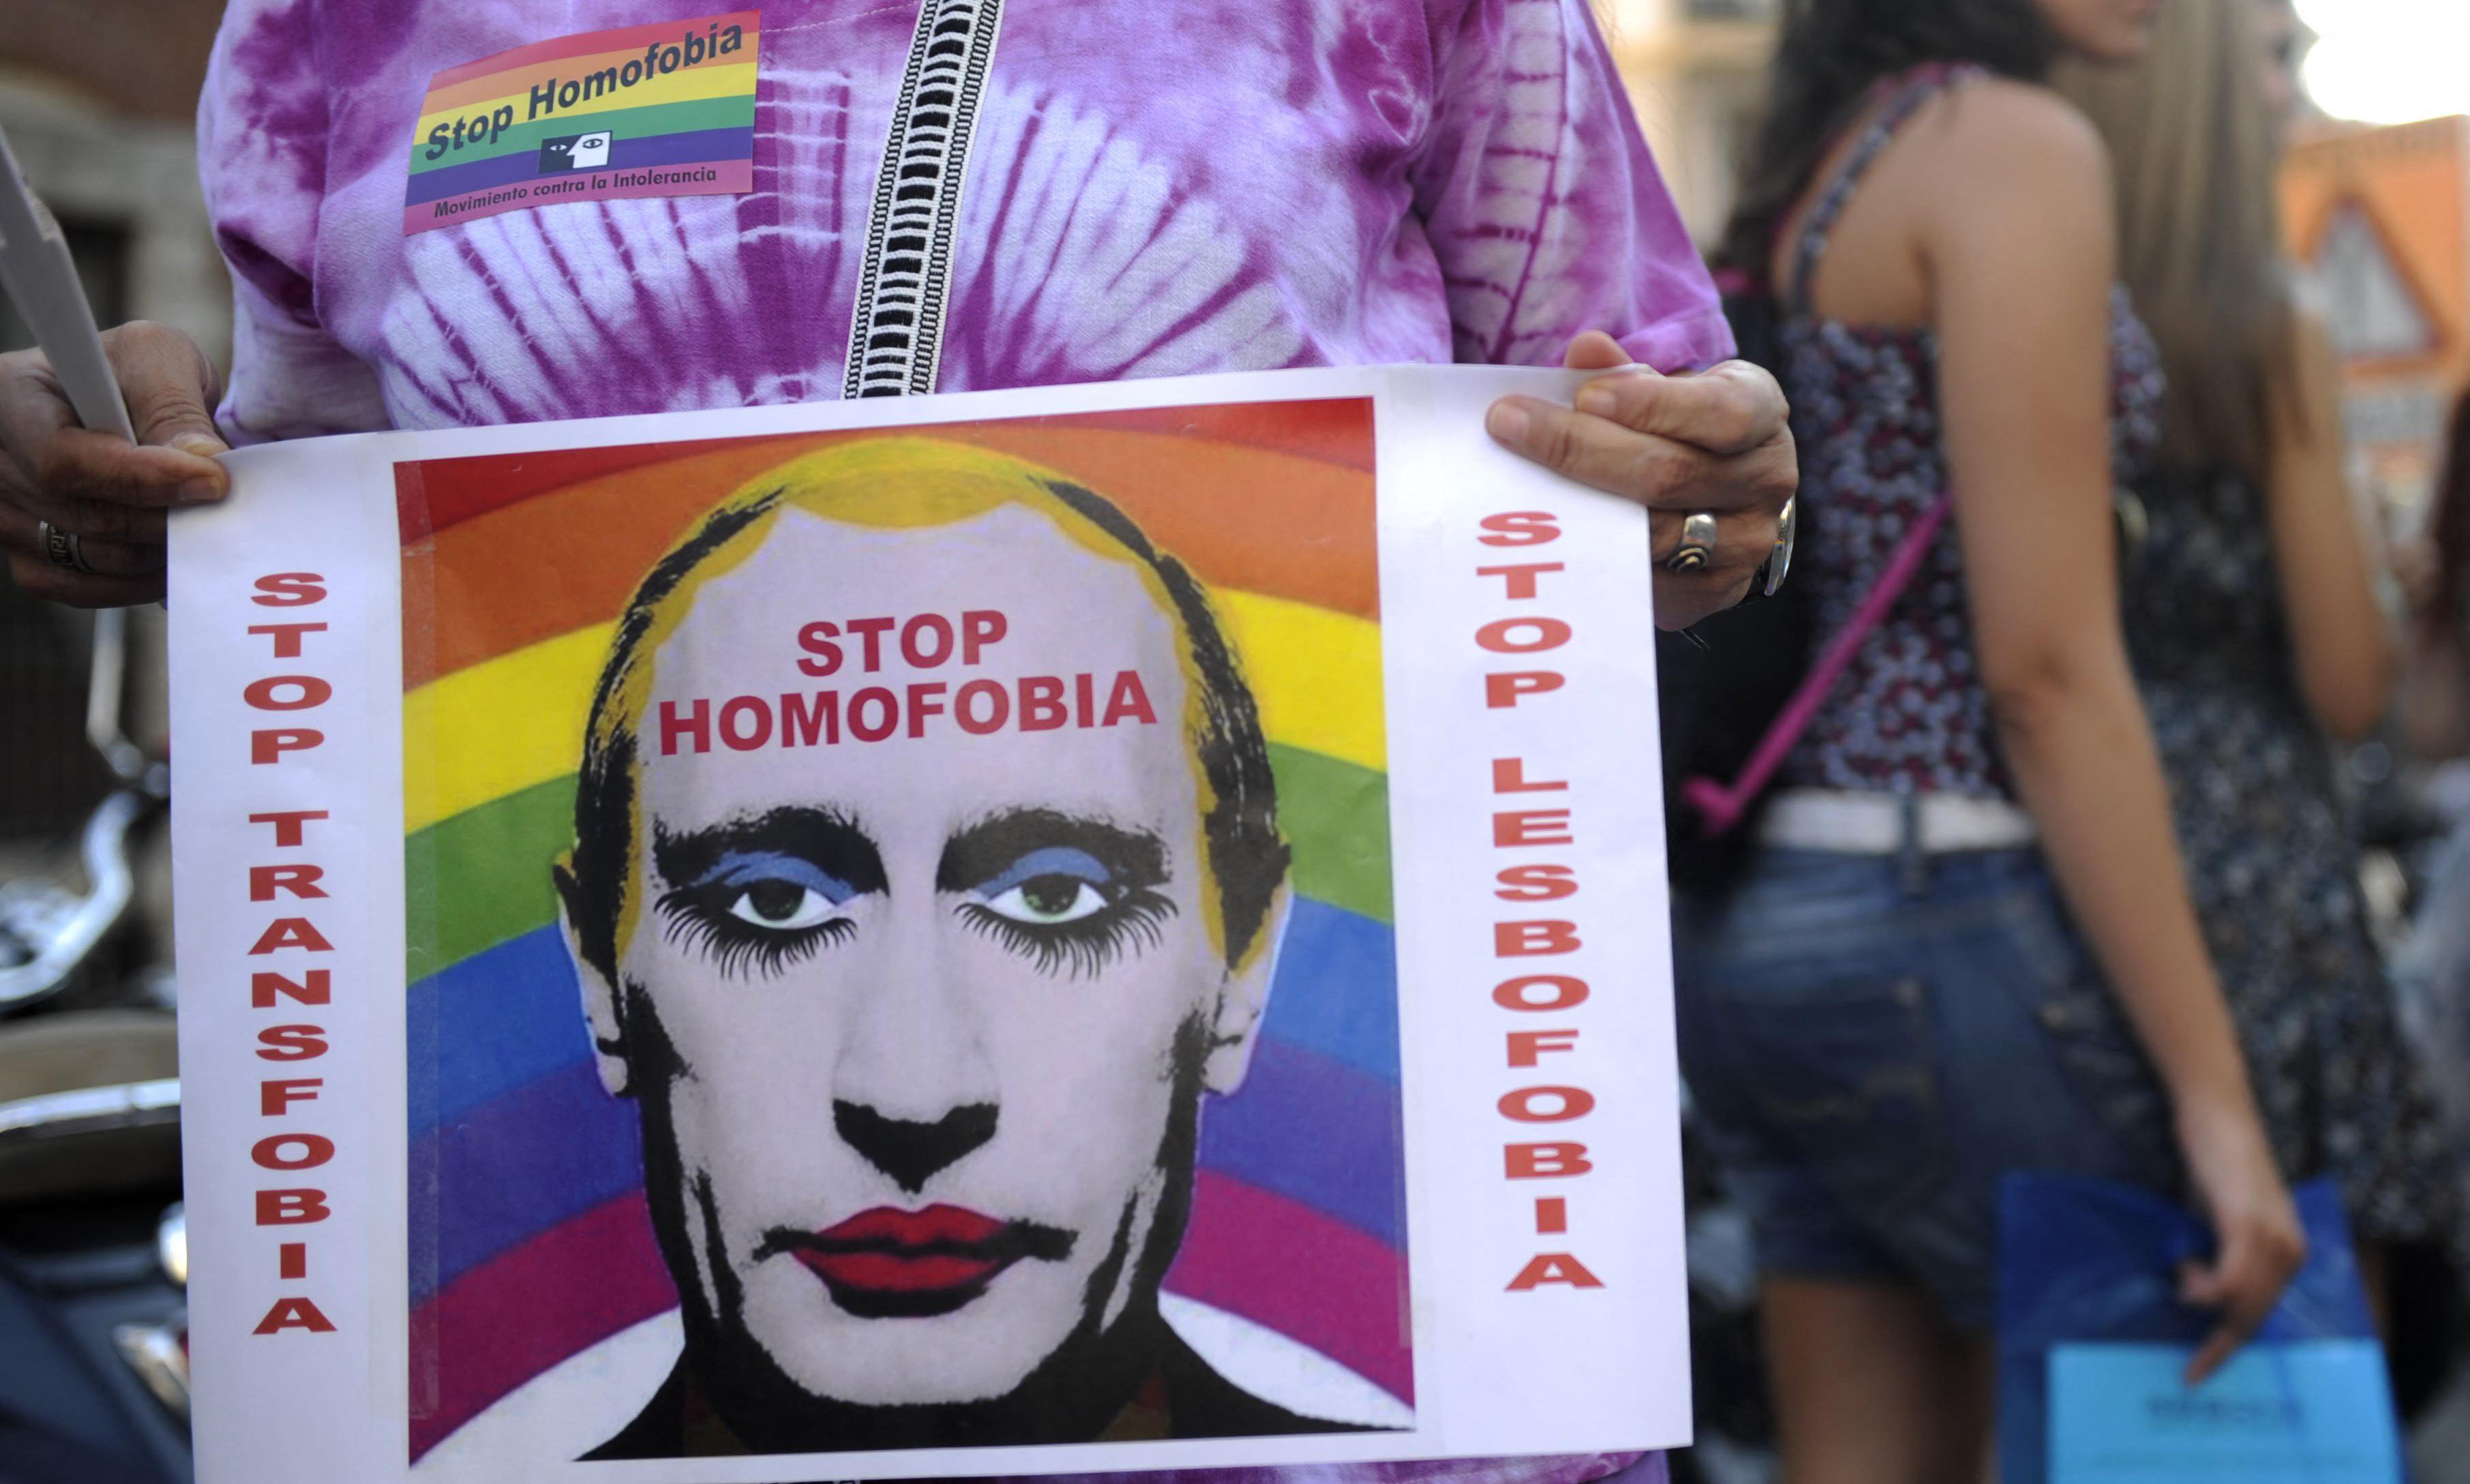 Orosz mintára indít homofób kampányt a kormány, az iskolákból kitilthatják a nem megfelelő szervezeteket